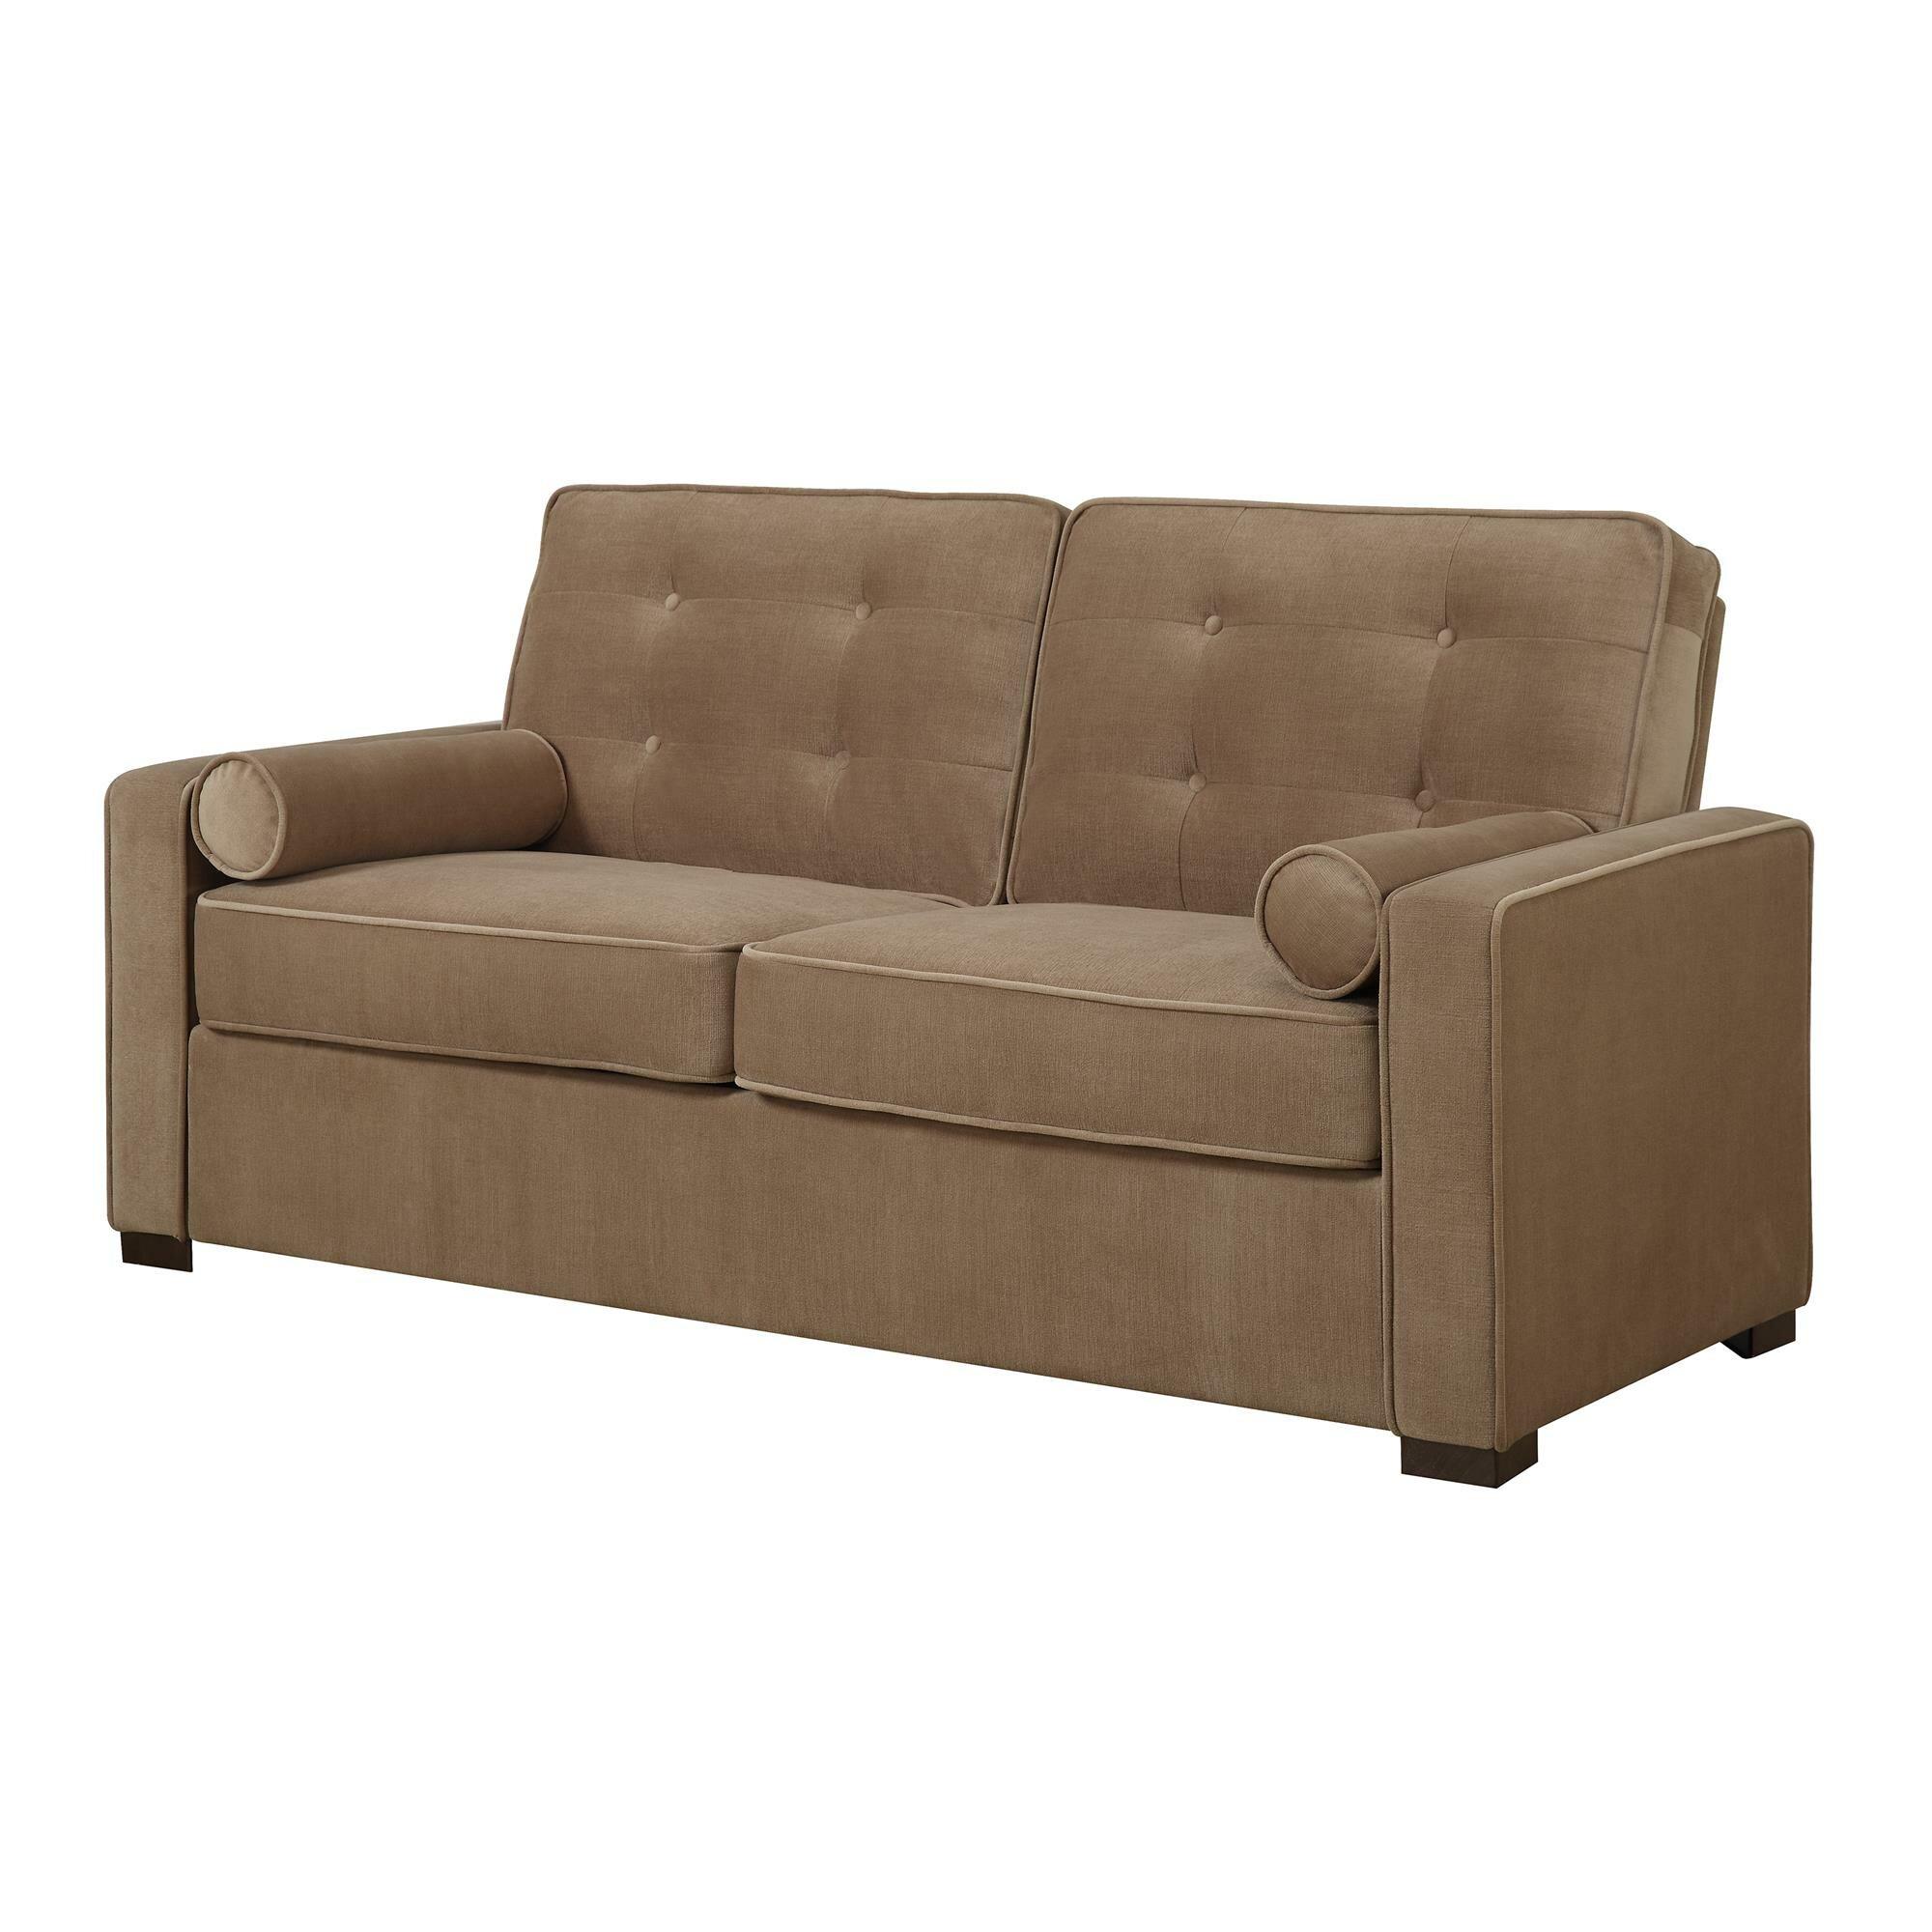 Dorel Living Dorel Living Monroe Button Tufted Sofa